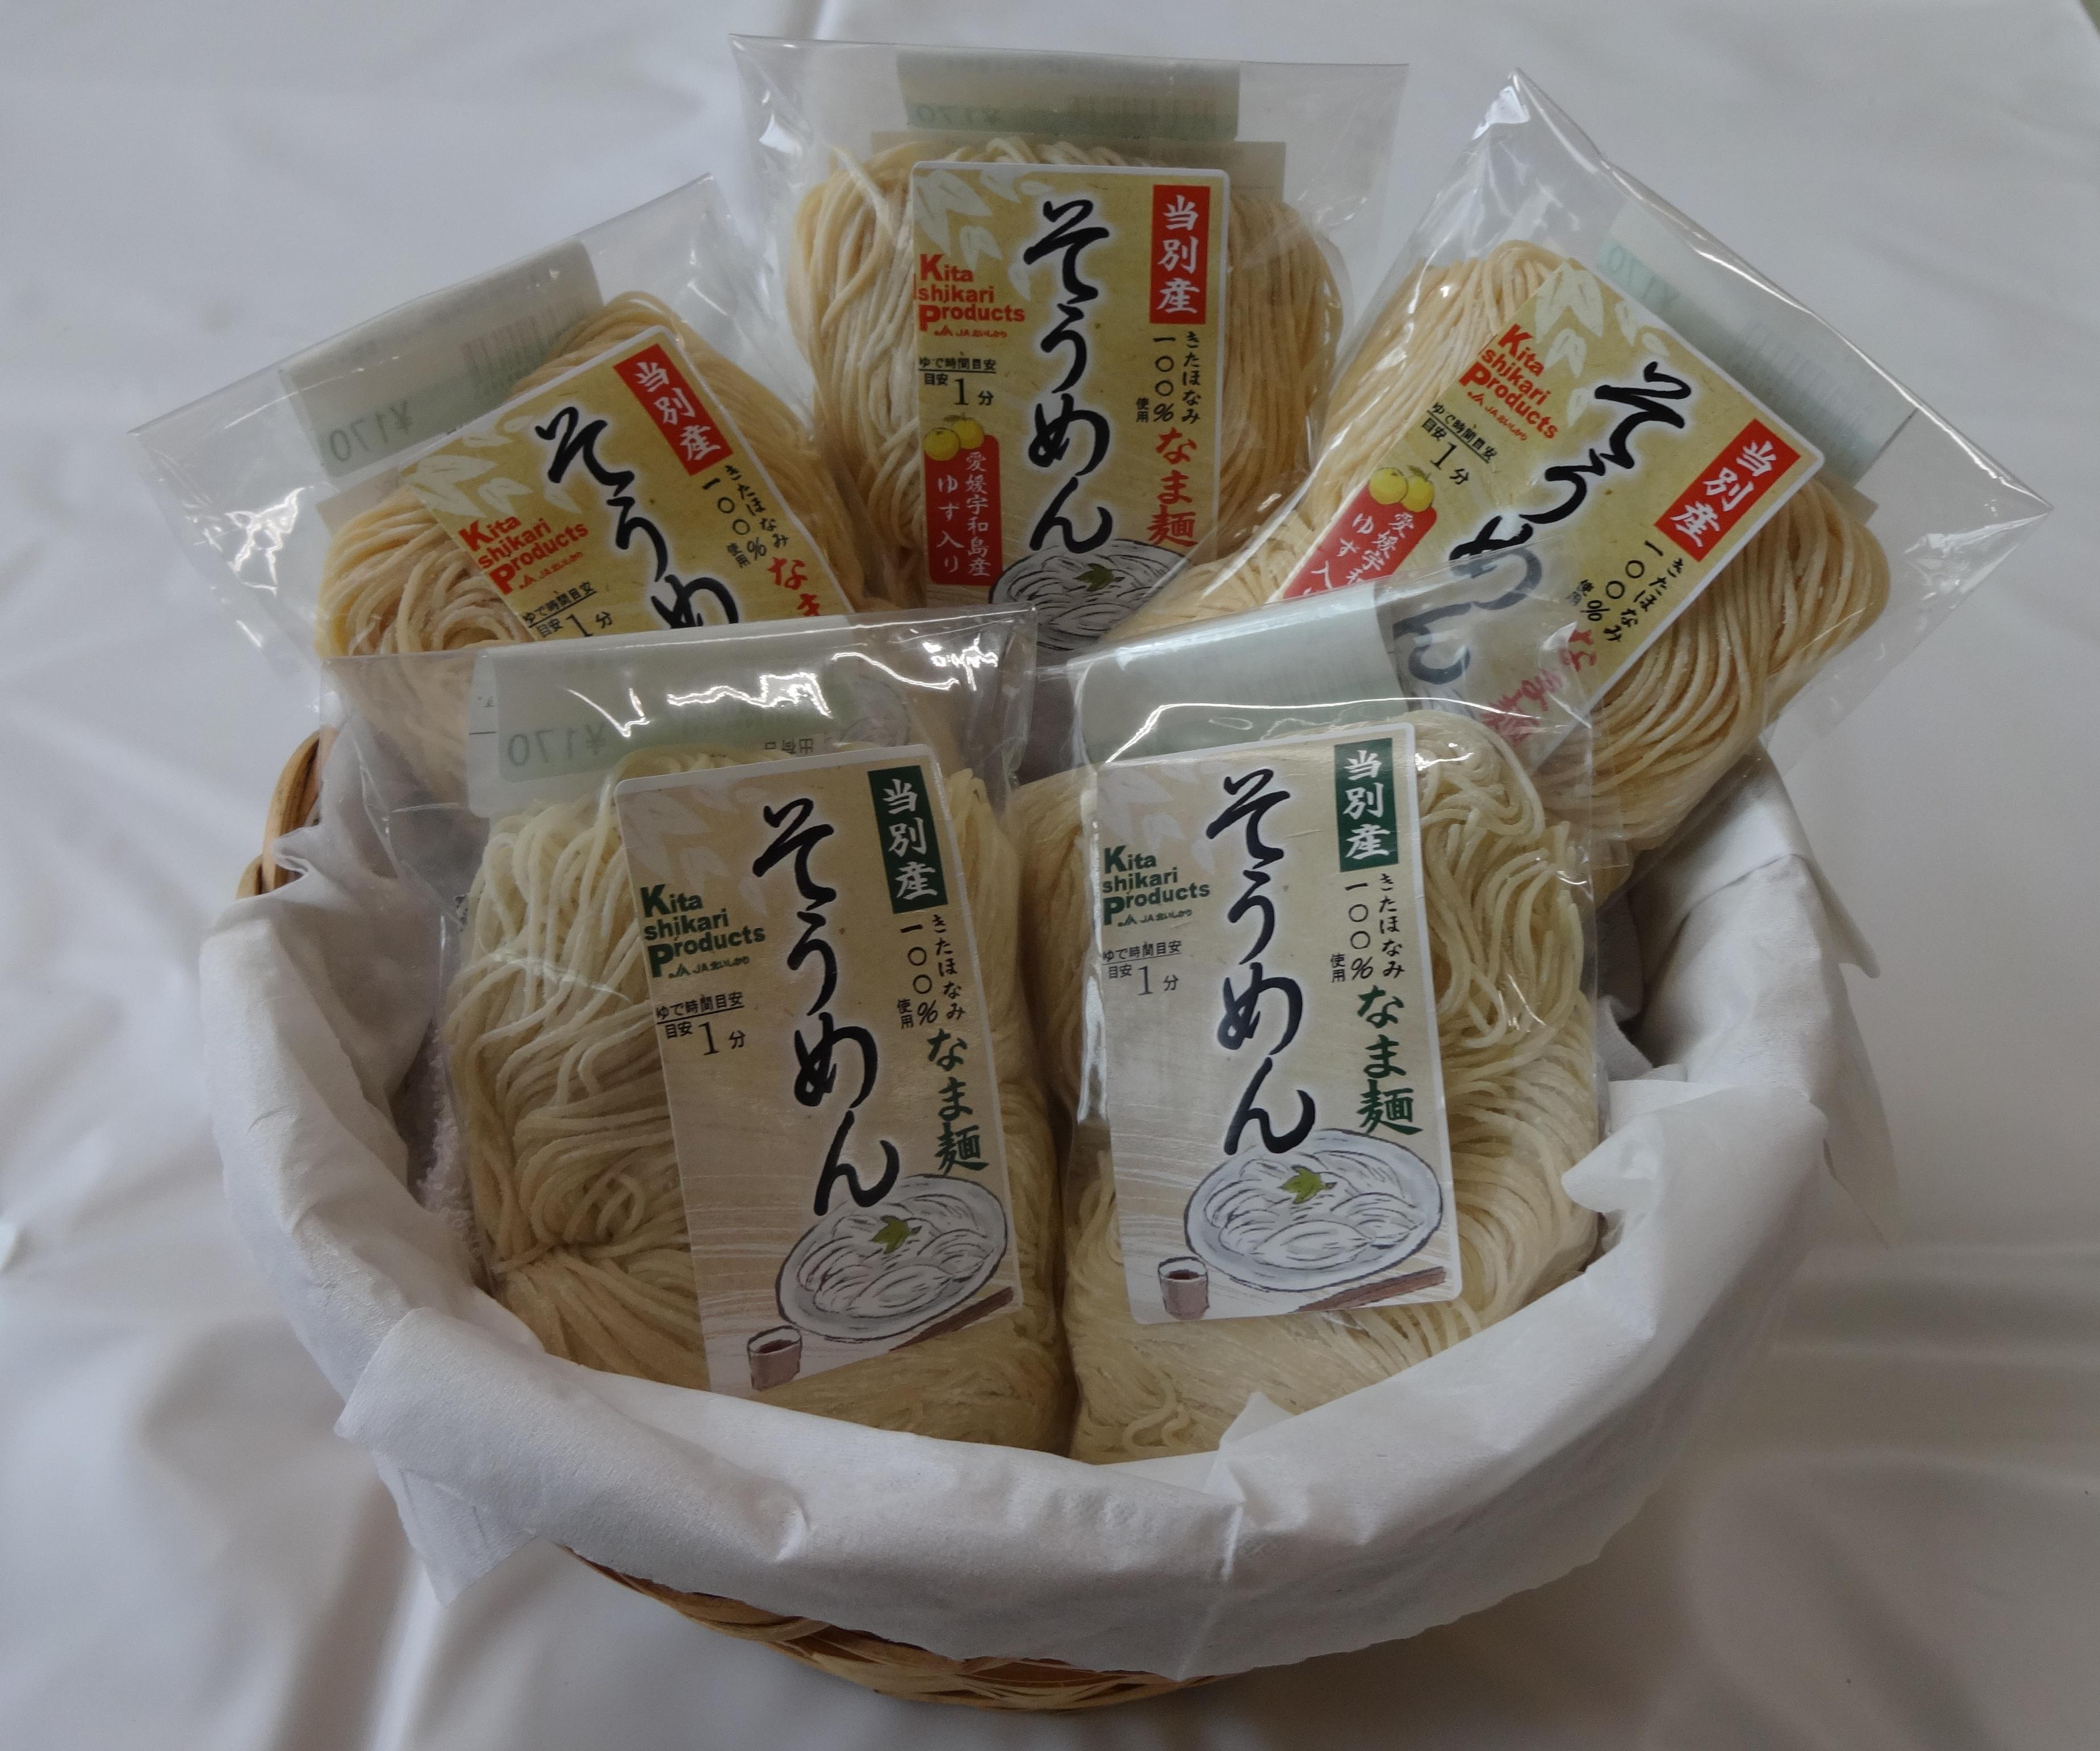 http://www.ja-kitaishikari.or.jp/contents/images/%E7%94%9F%E3%81%9D%E3%81%86%E3%82%81%E3%82%93.JPG